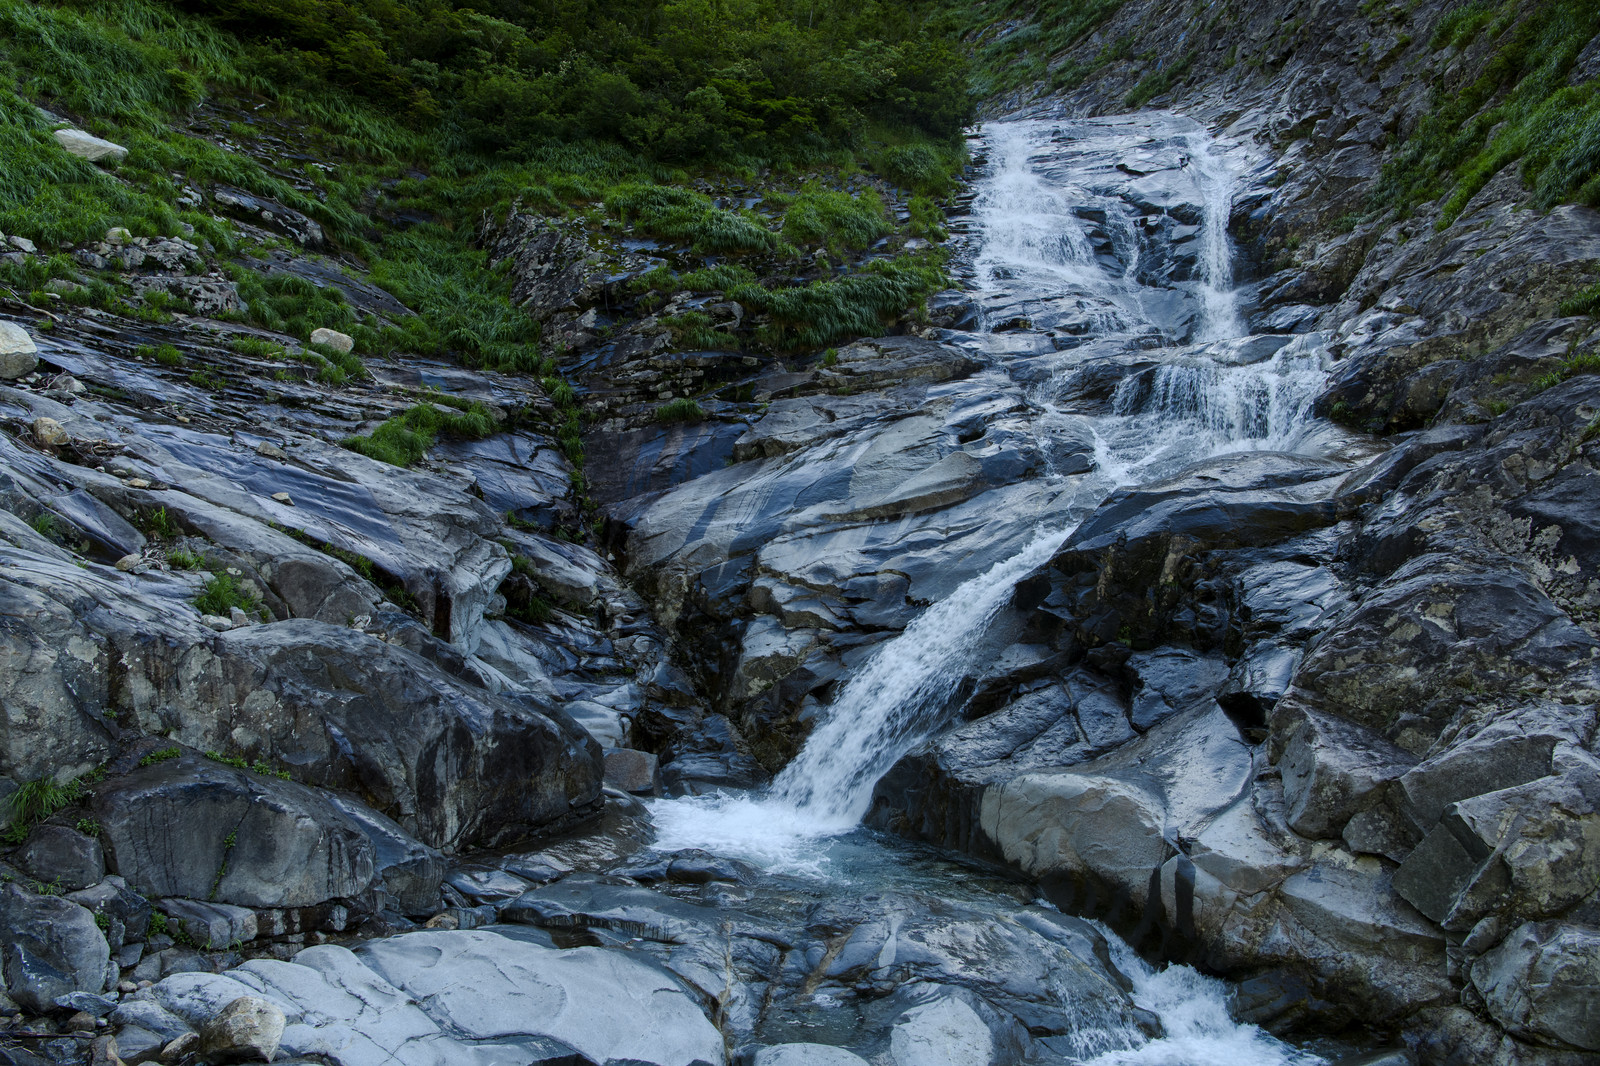 「岩場がつづくヌクビ沢登山道の景色(巻機山)」の写真